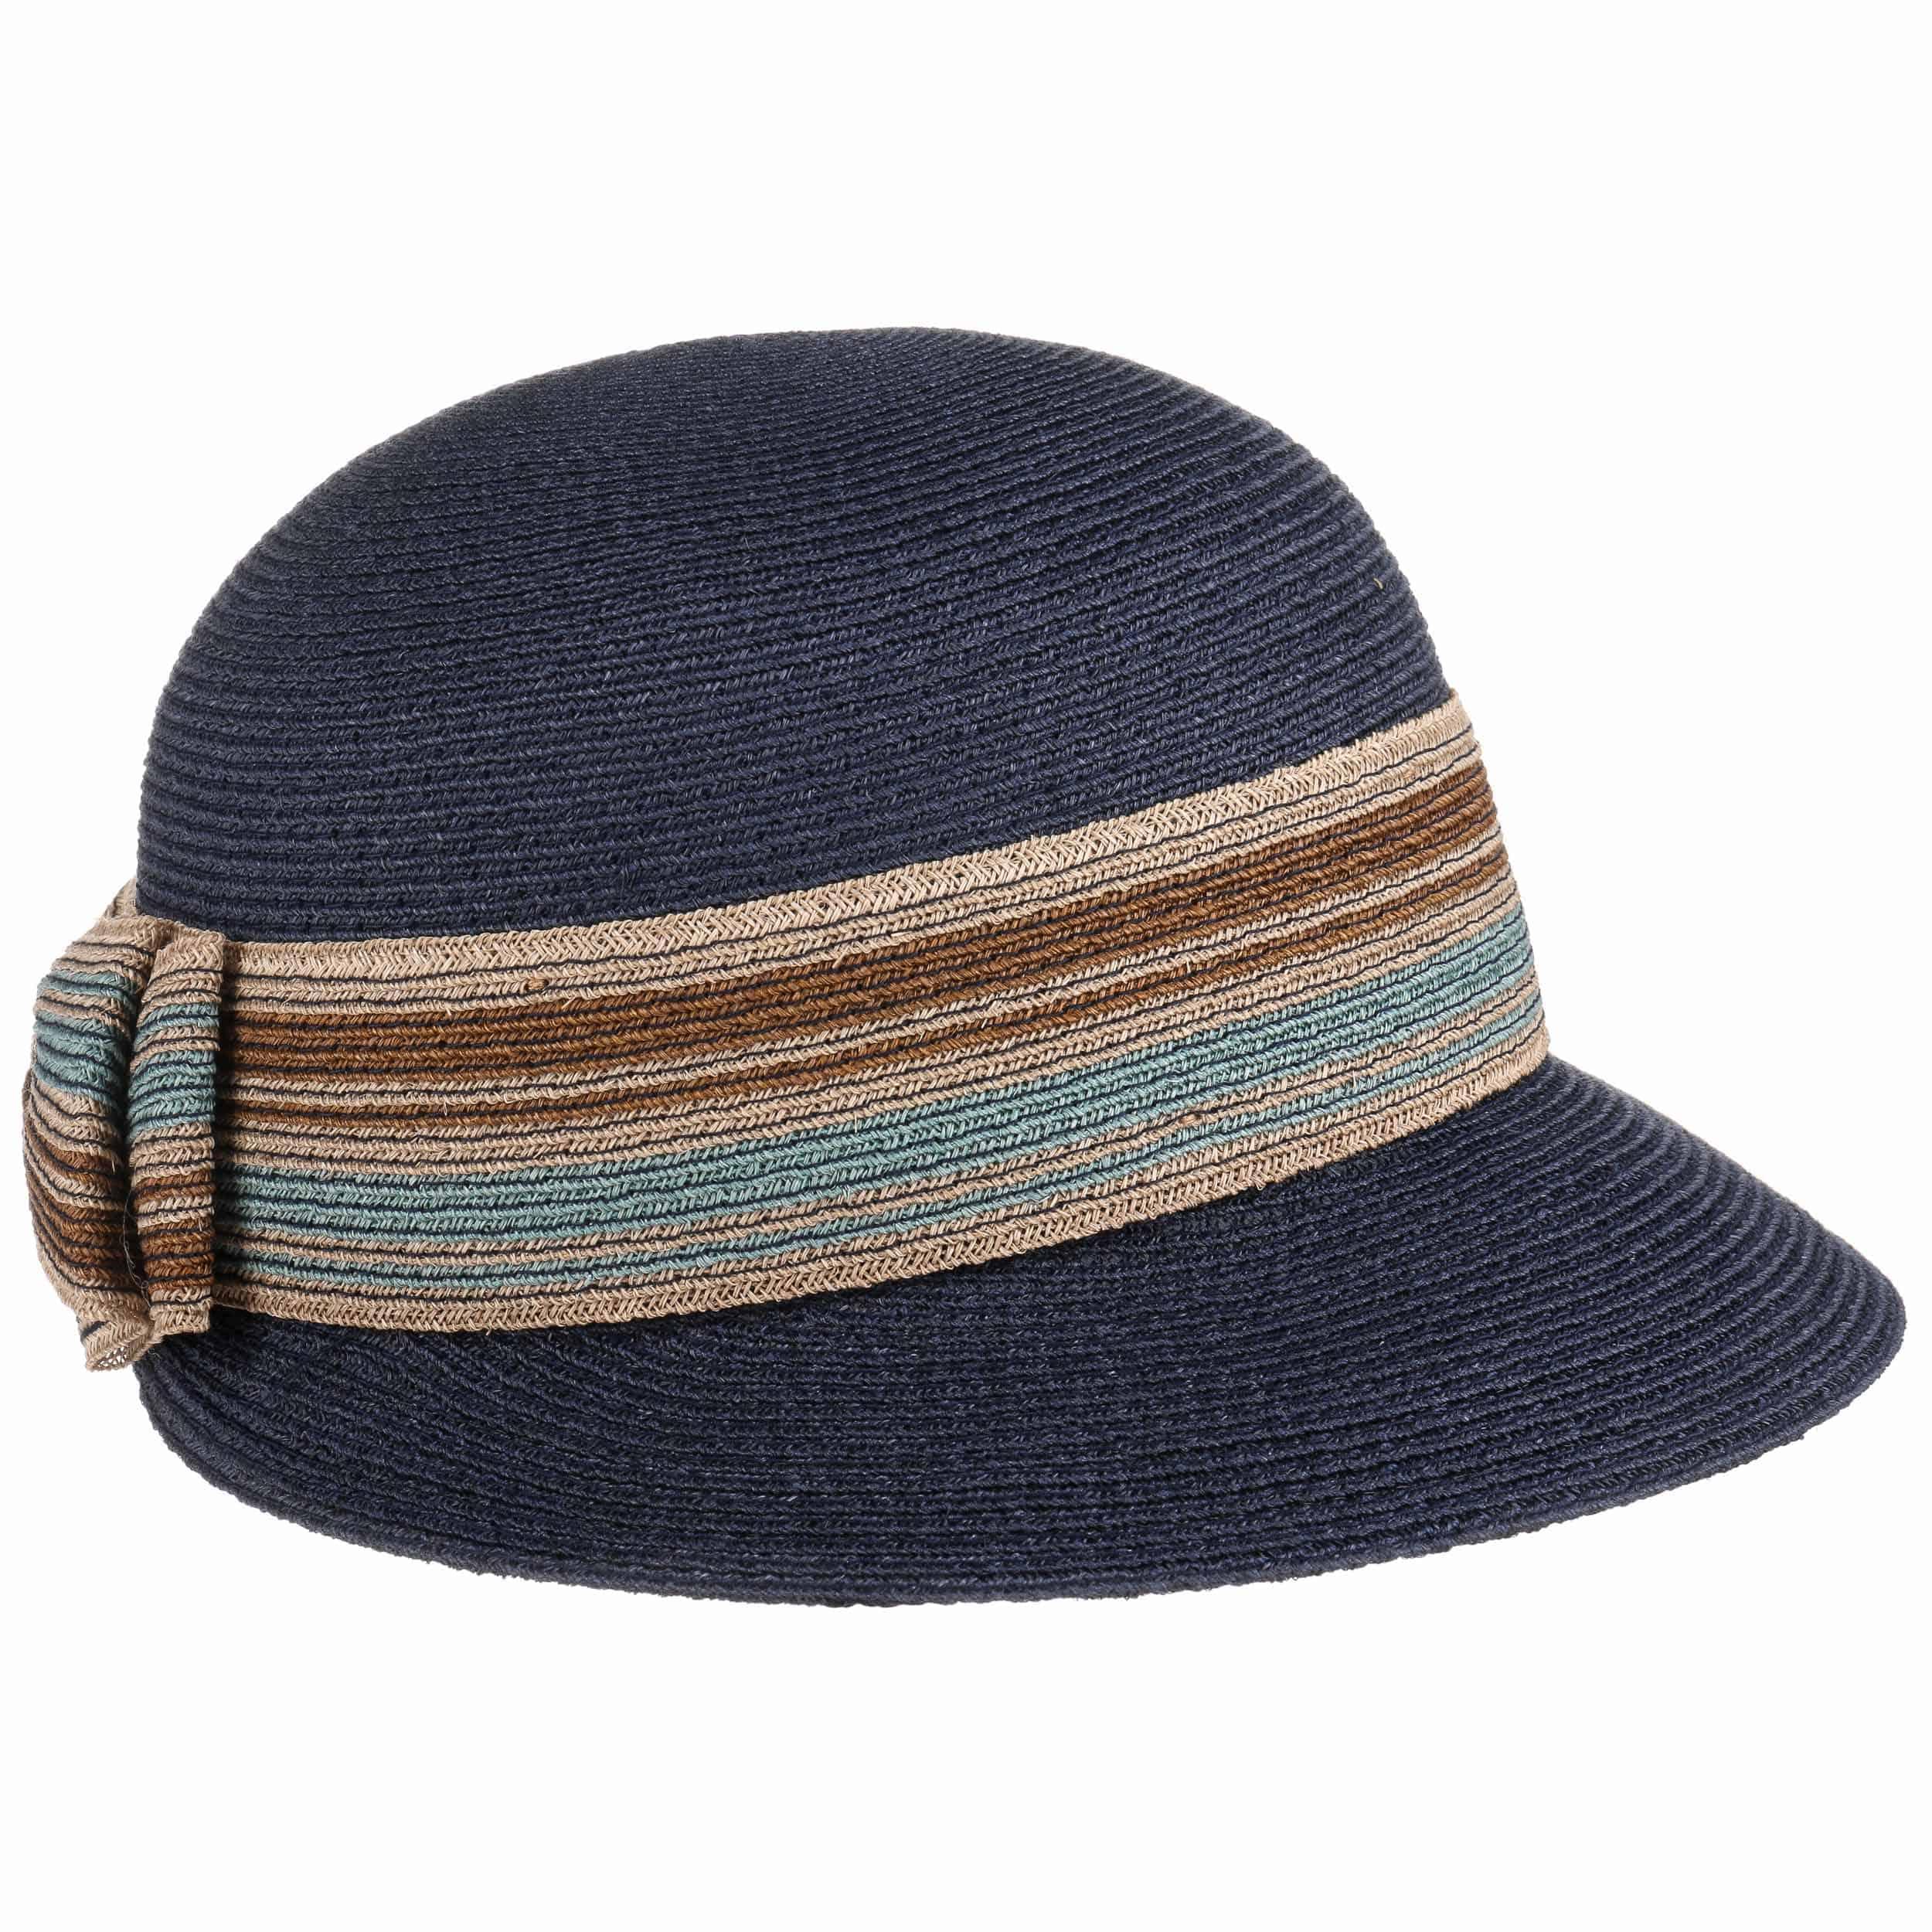 23f5b499c017f Sombrero Cloché Lady Kasita by bedacht - Sombreros - sombreroshop.es